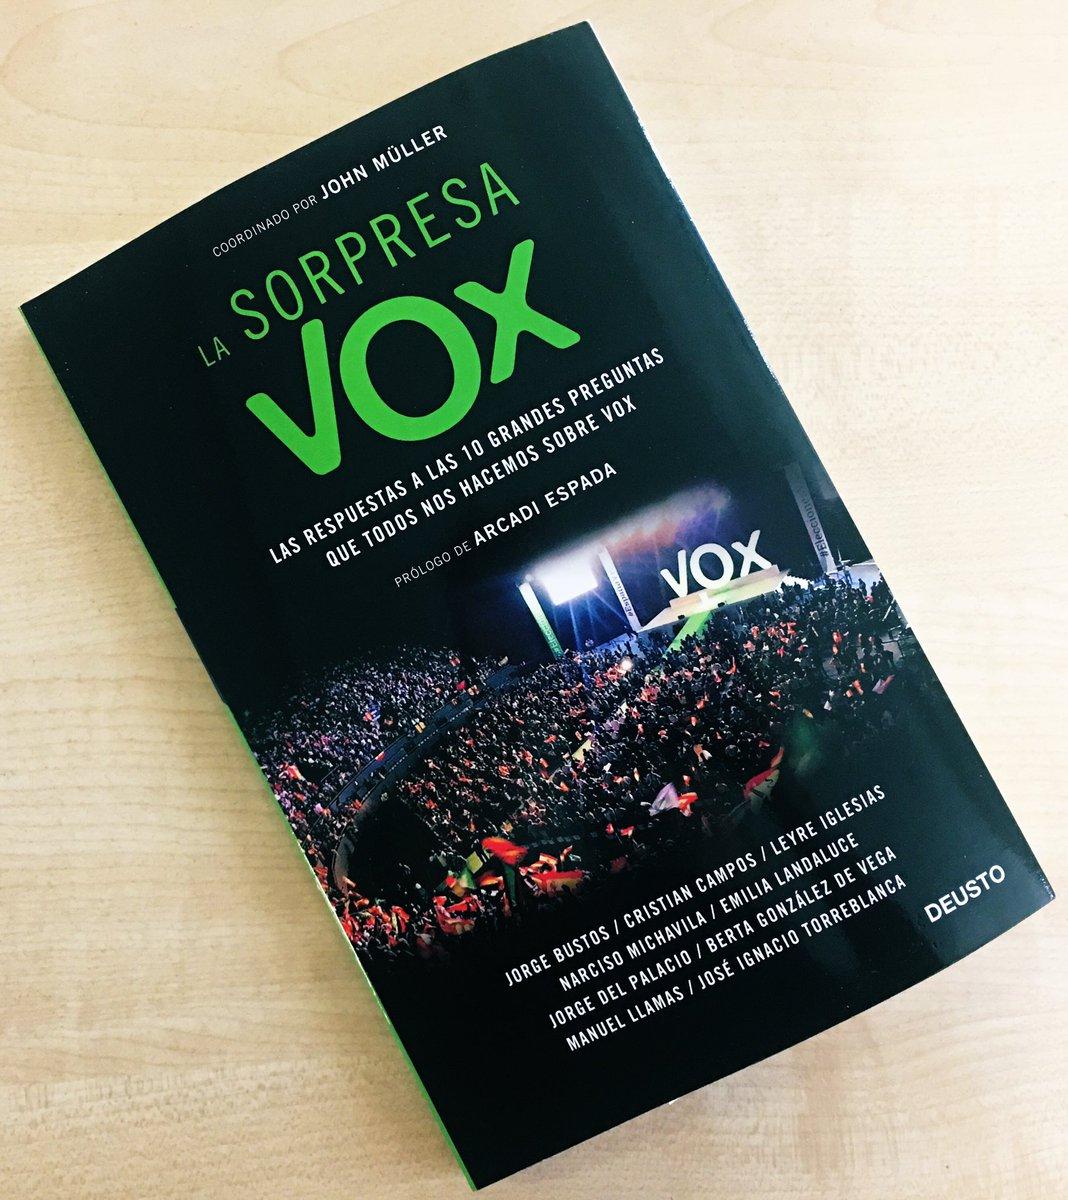 La sorpresa Vox: Las respuestas a las 10 grandes preguntas que todos nos hacemos sobre Vox